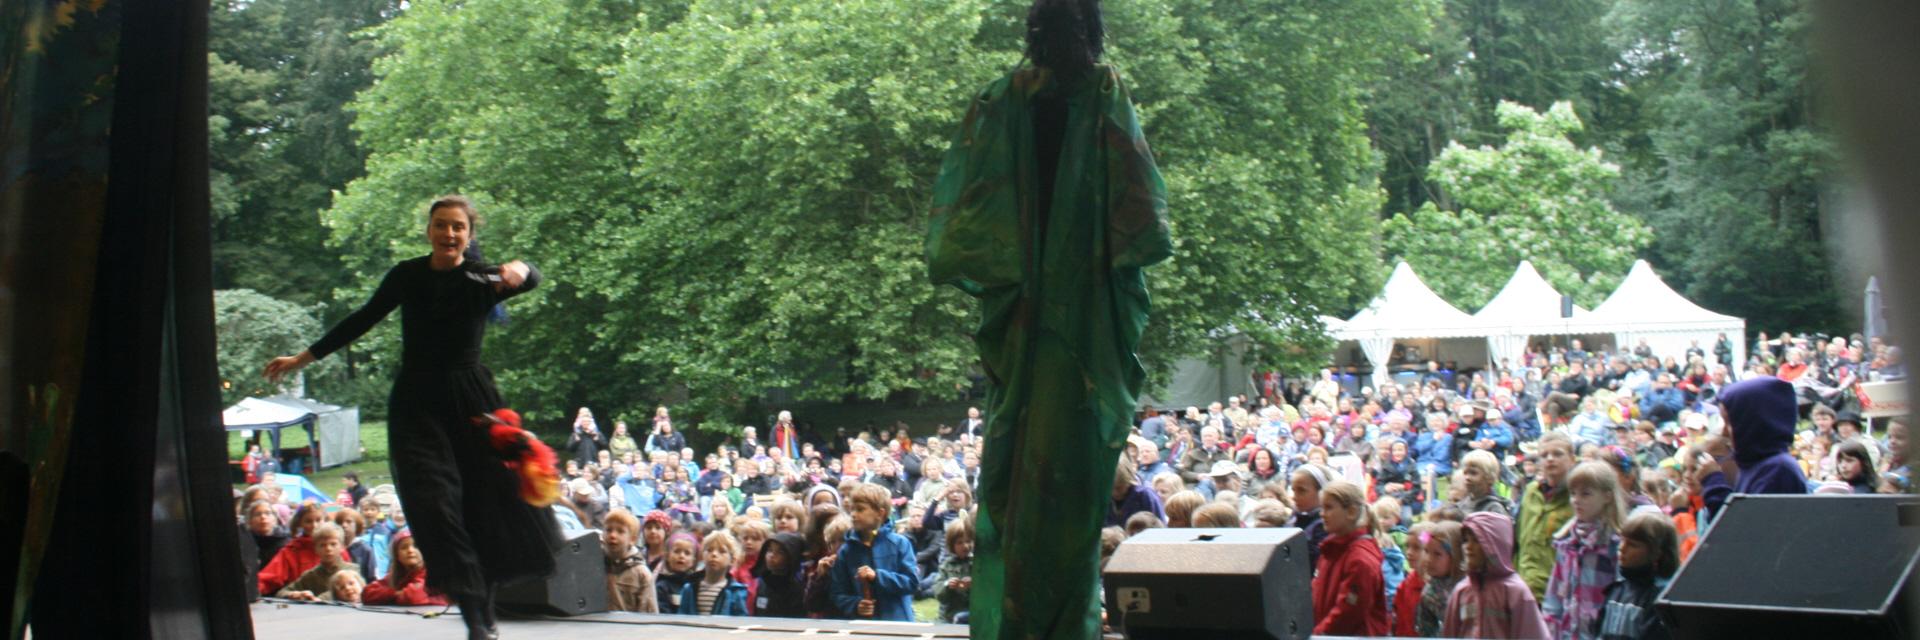 Blick von der Bühne ins Publikum